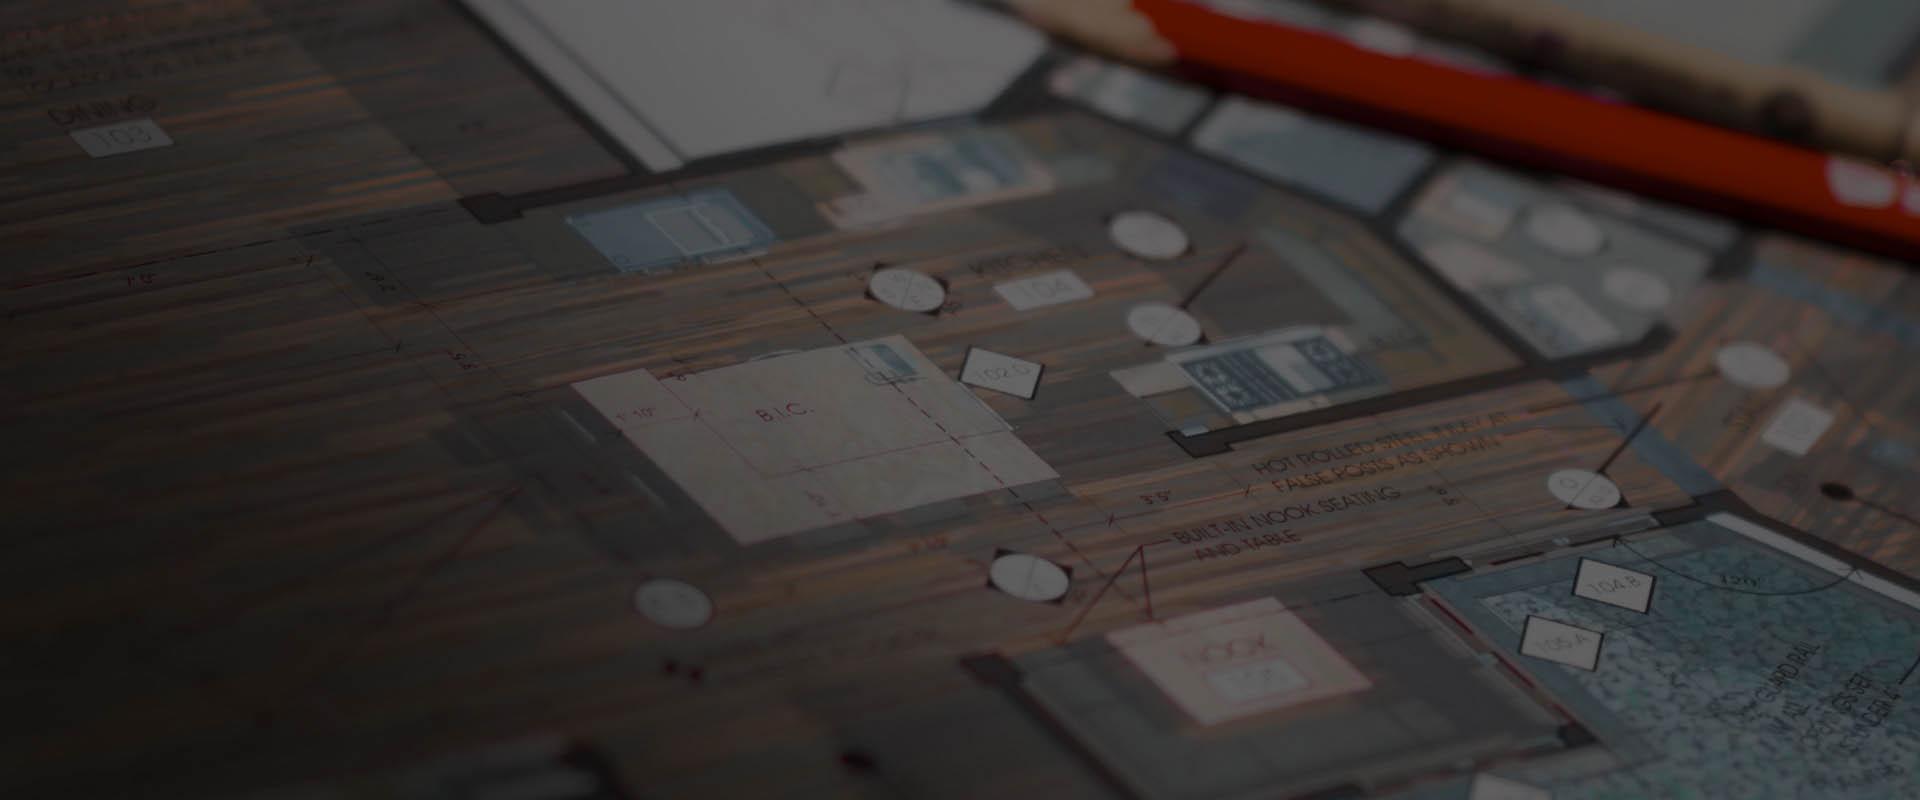 Lỗi Bugsplat trong SketchUp và cách khắc phục